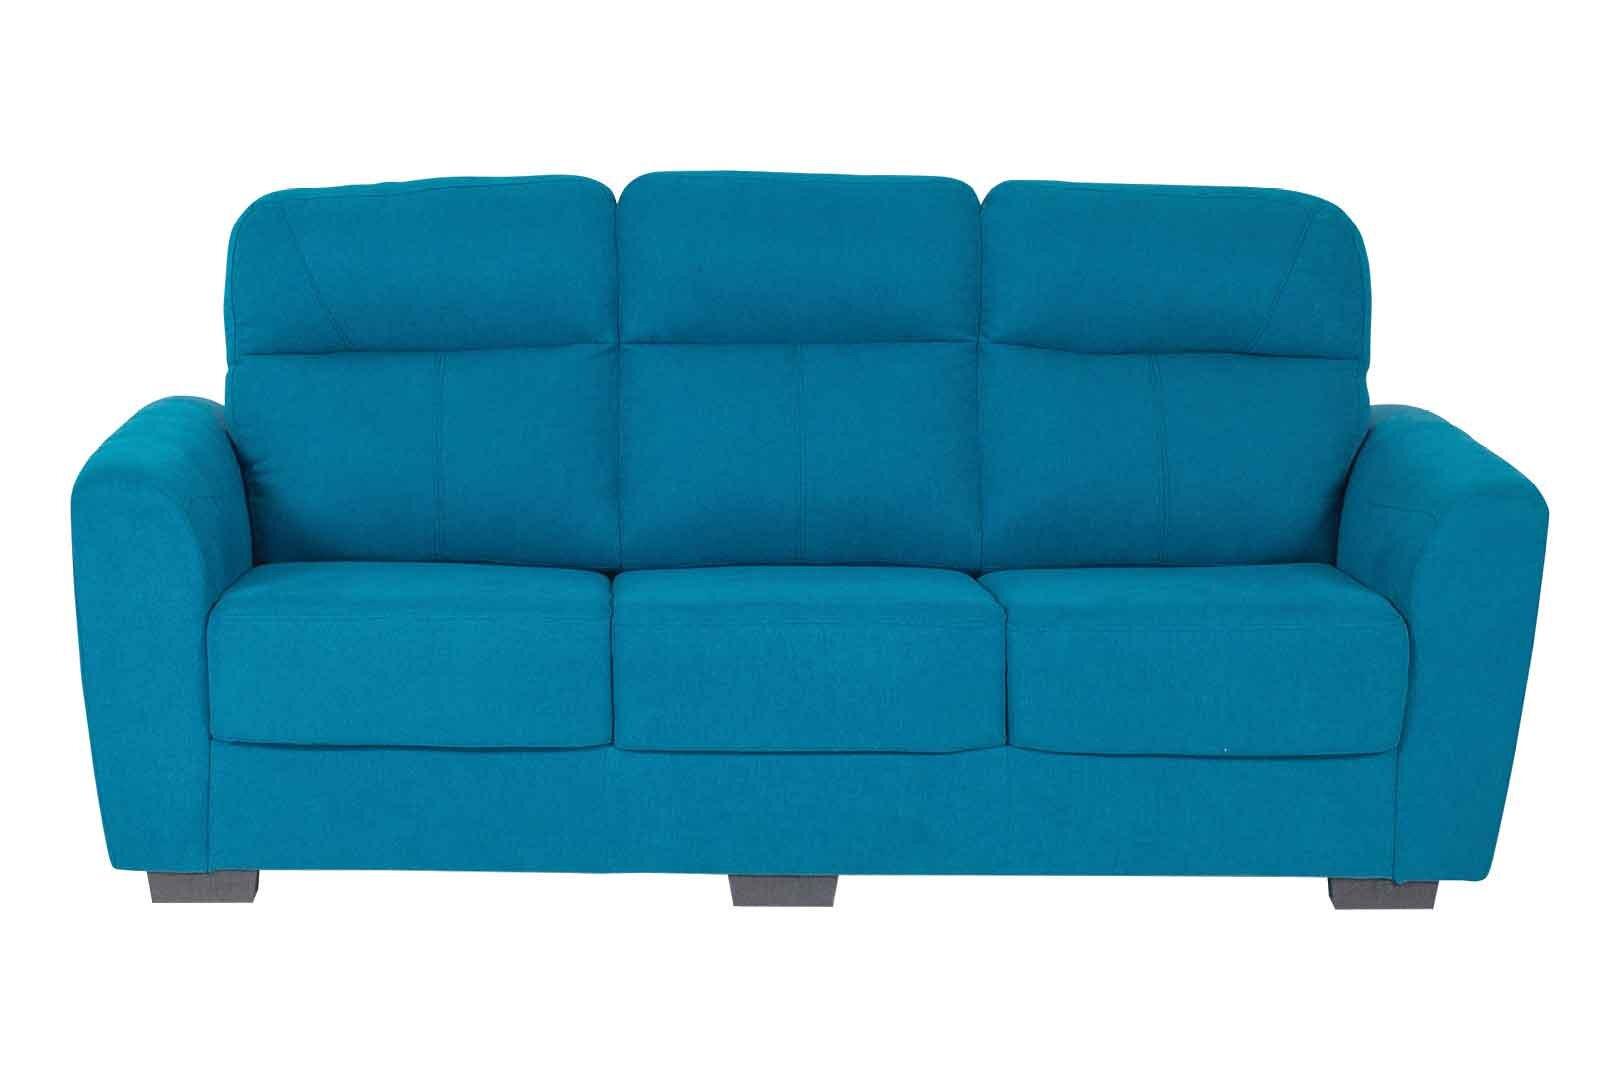 3 Seater Fabric Sofa Fullhouse